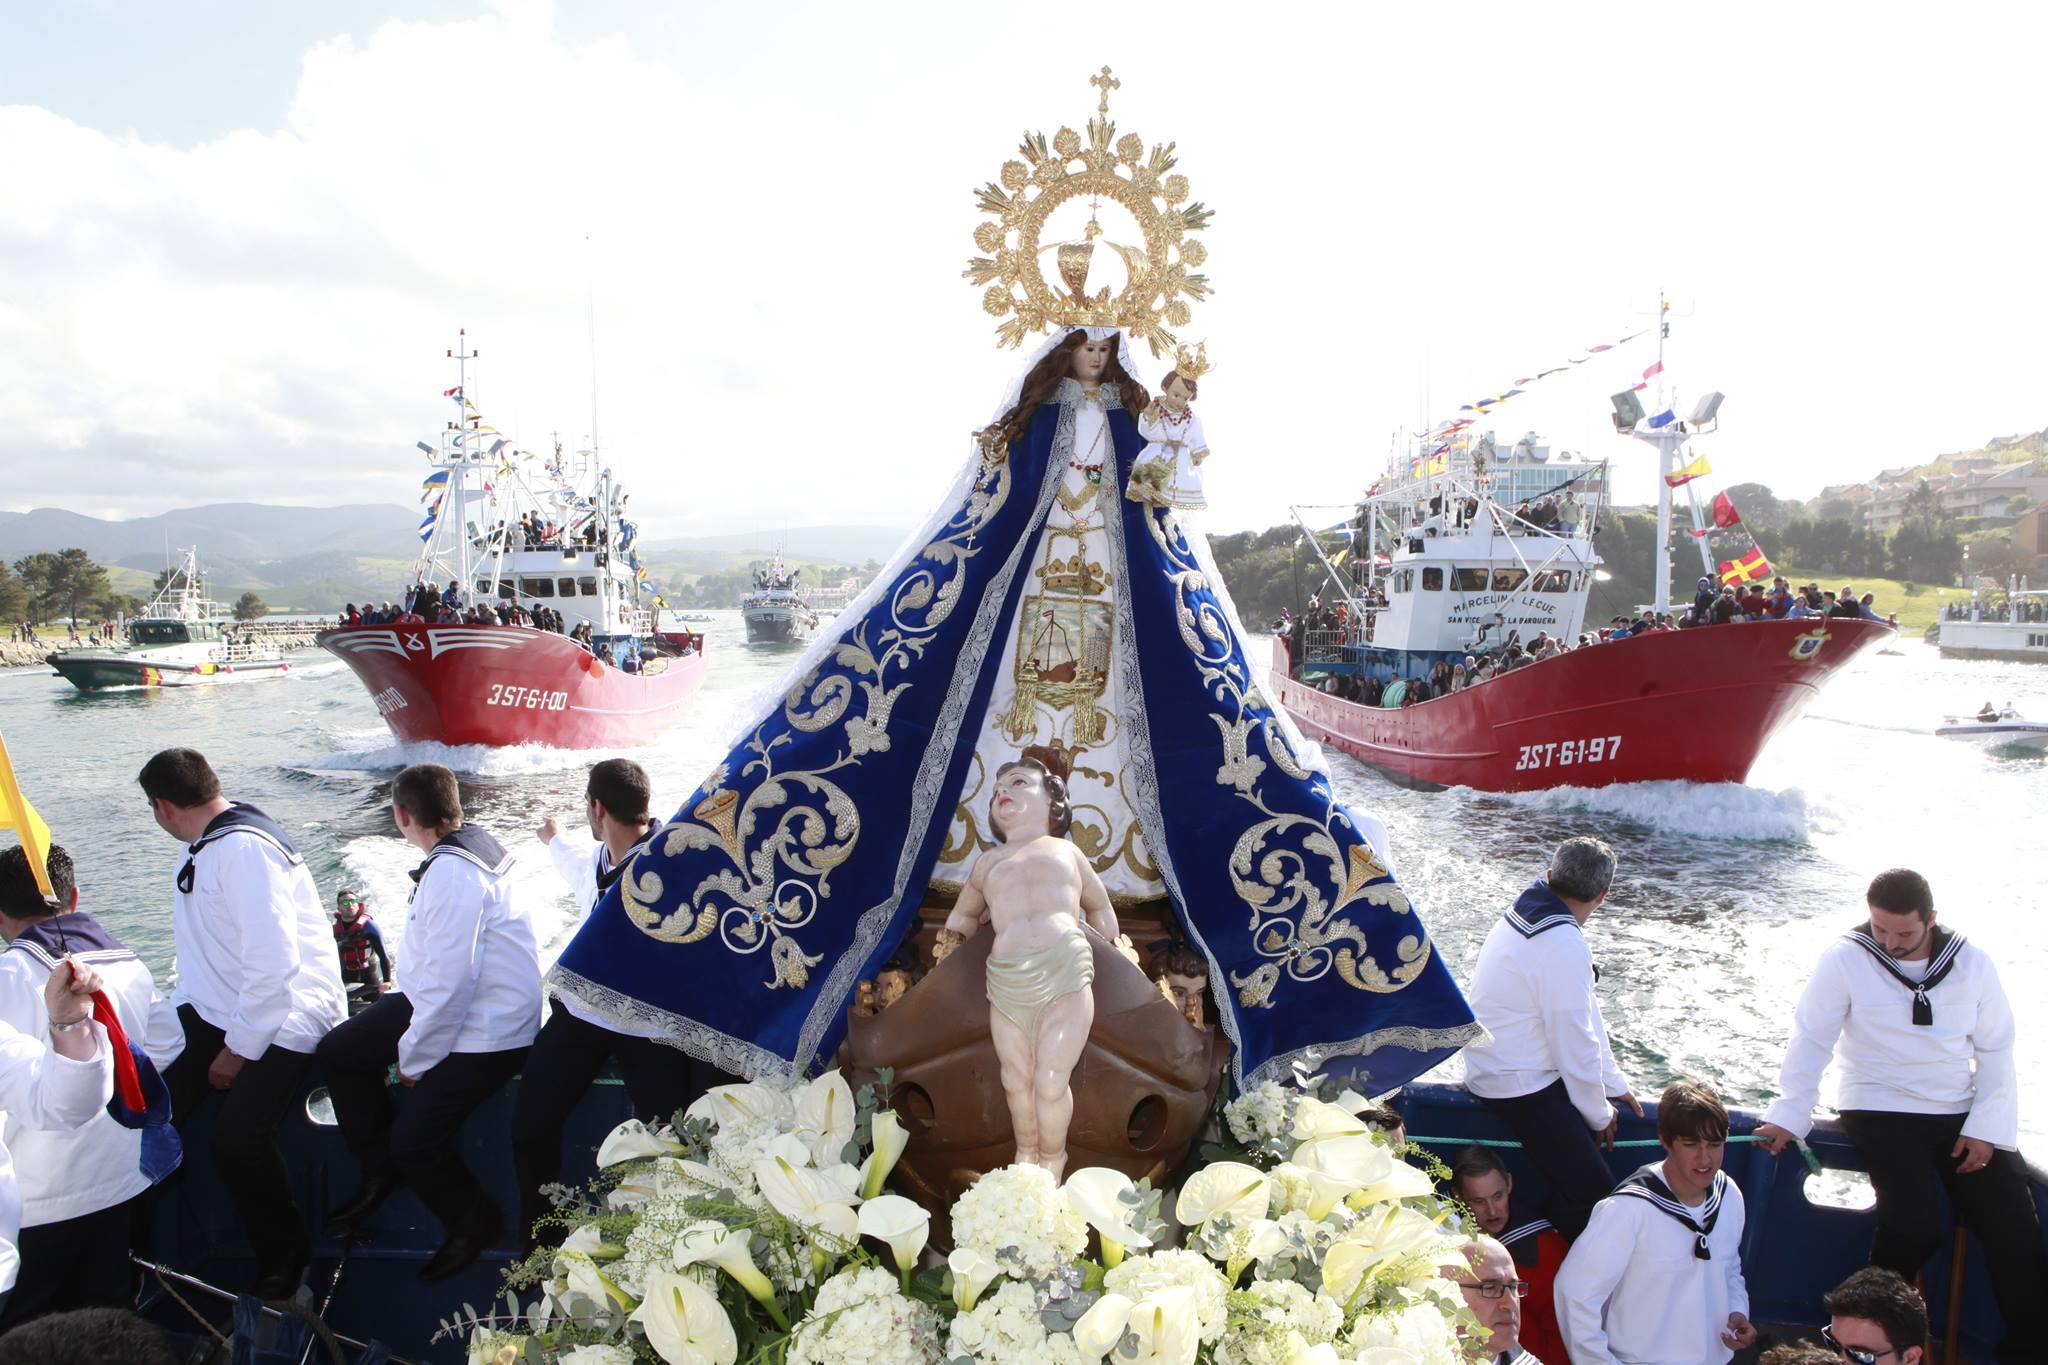 Fiestas de La Folía 2016 en San Vicente de la Barquera